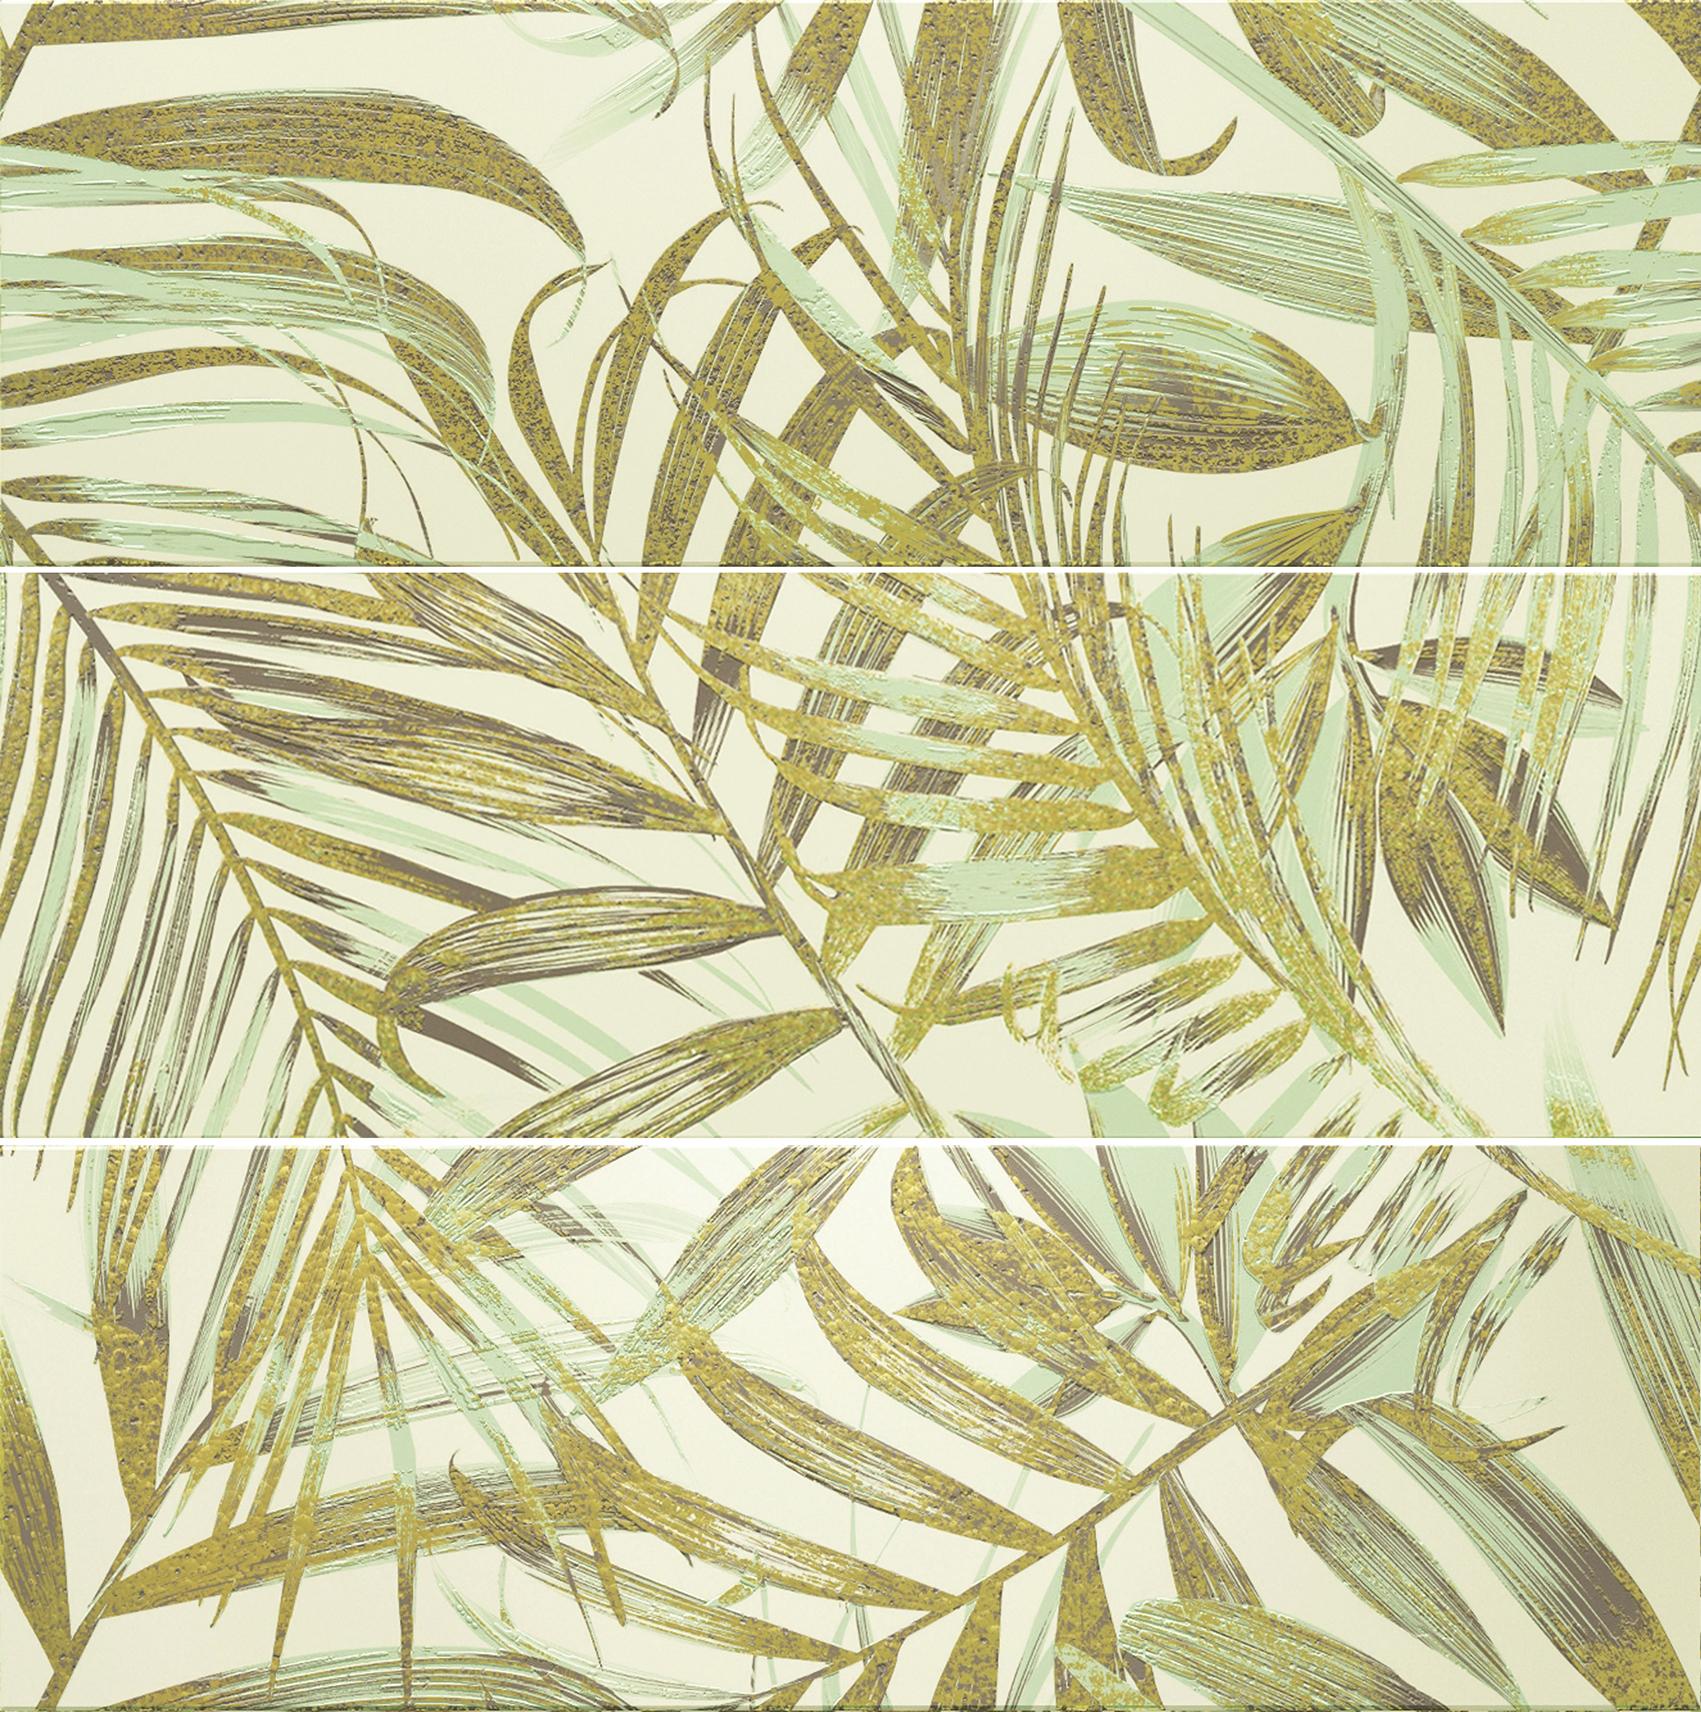 Купить Керамическая плитка AltaСera Palm S/3 SW11PLM01 панно 60x60, Россия